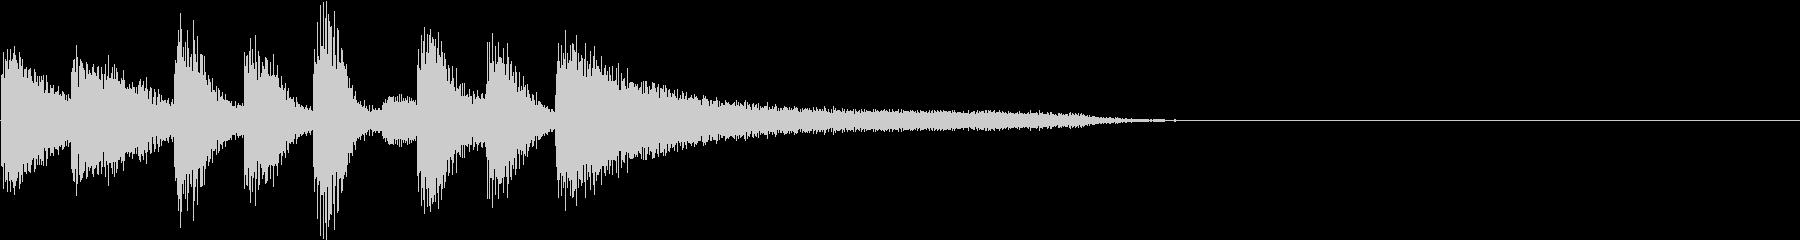 ボサノバなピアノソロ ジングル の未再生の波形